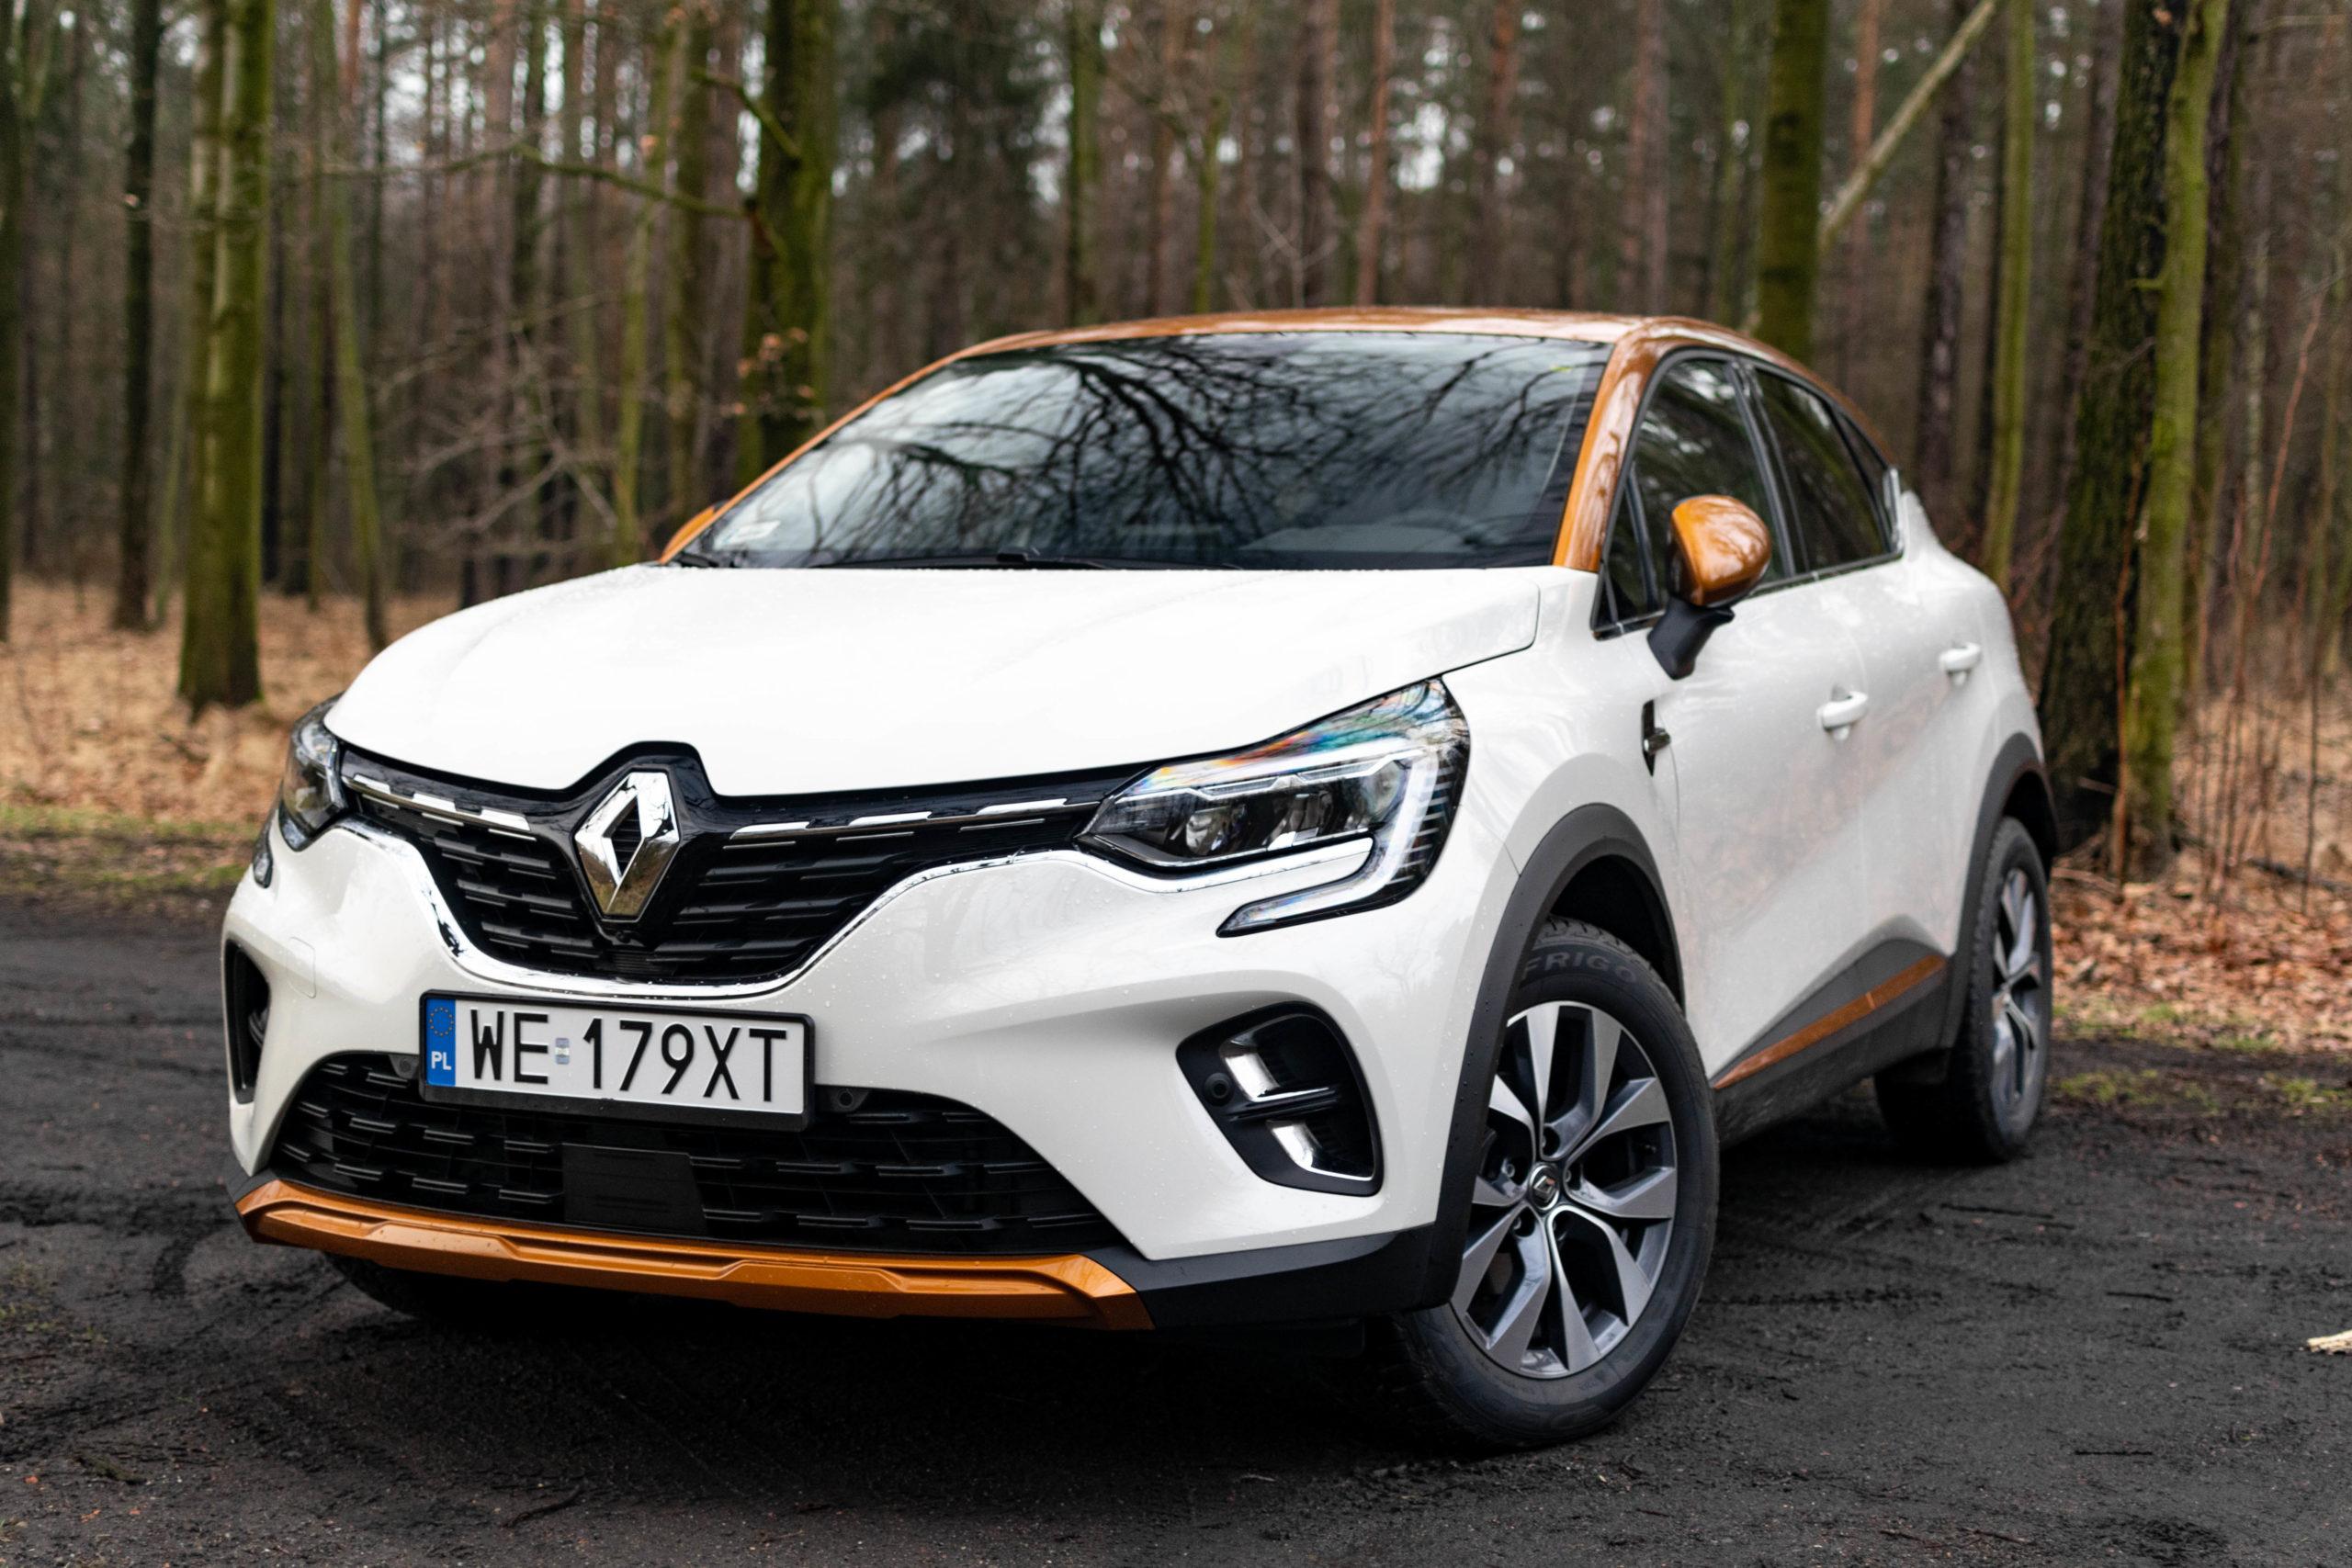 Renault Captur INTENS 1.0 TCe 100 KM 5MT